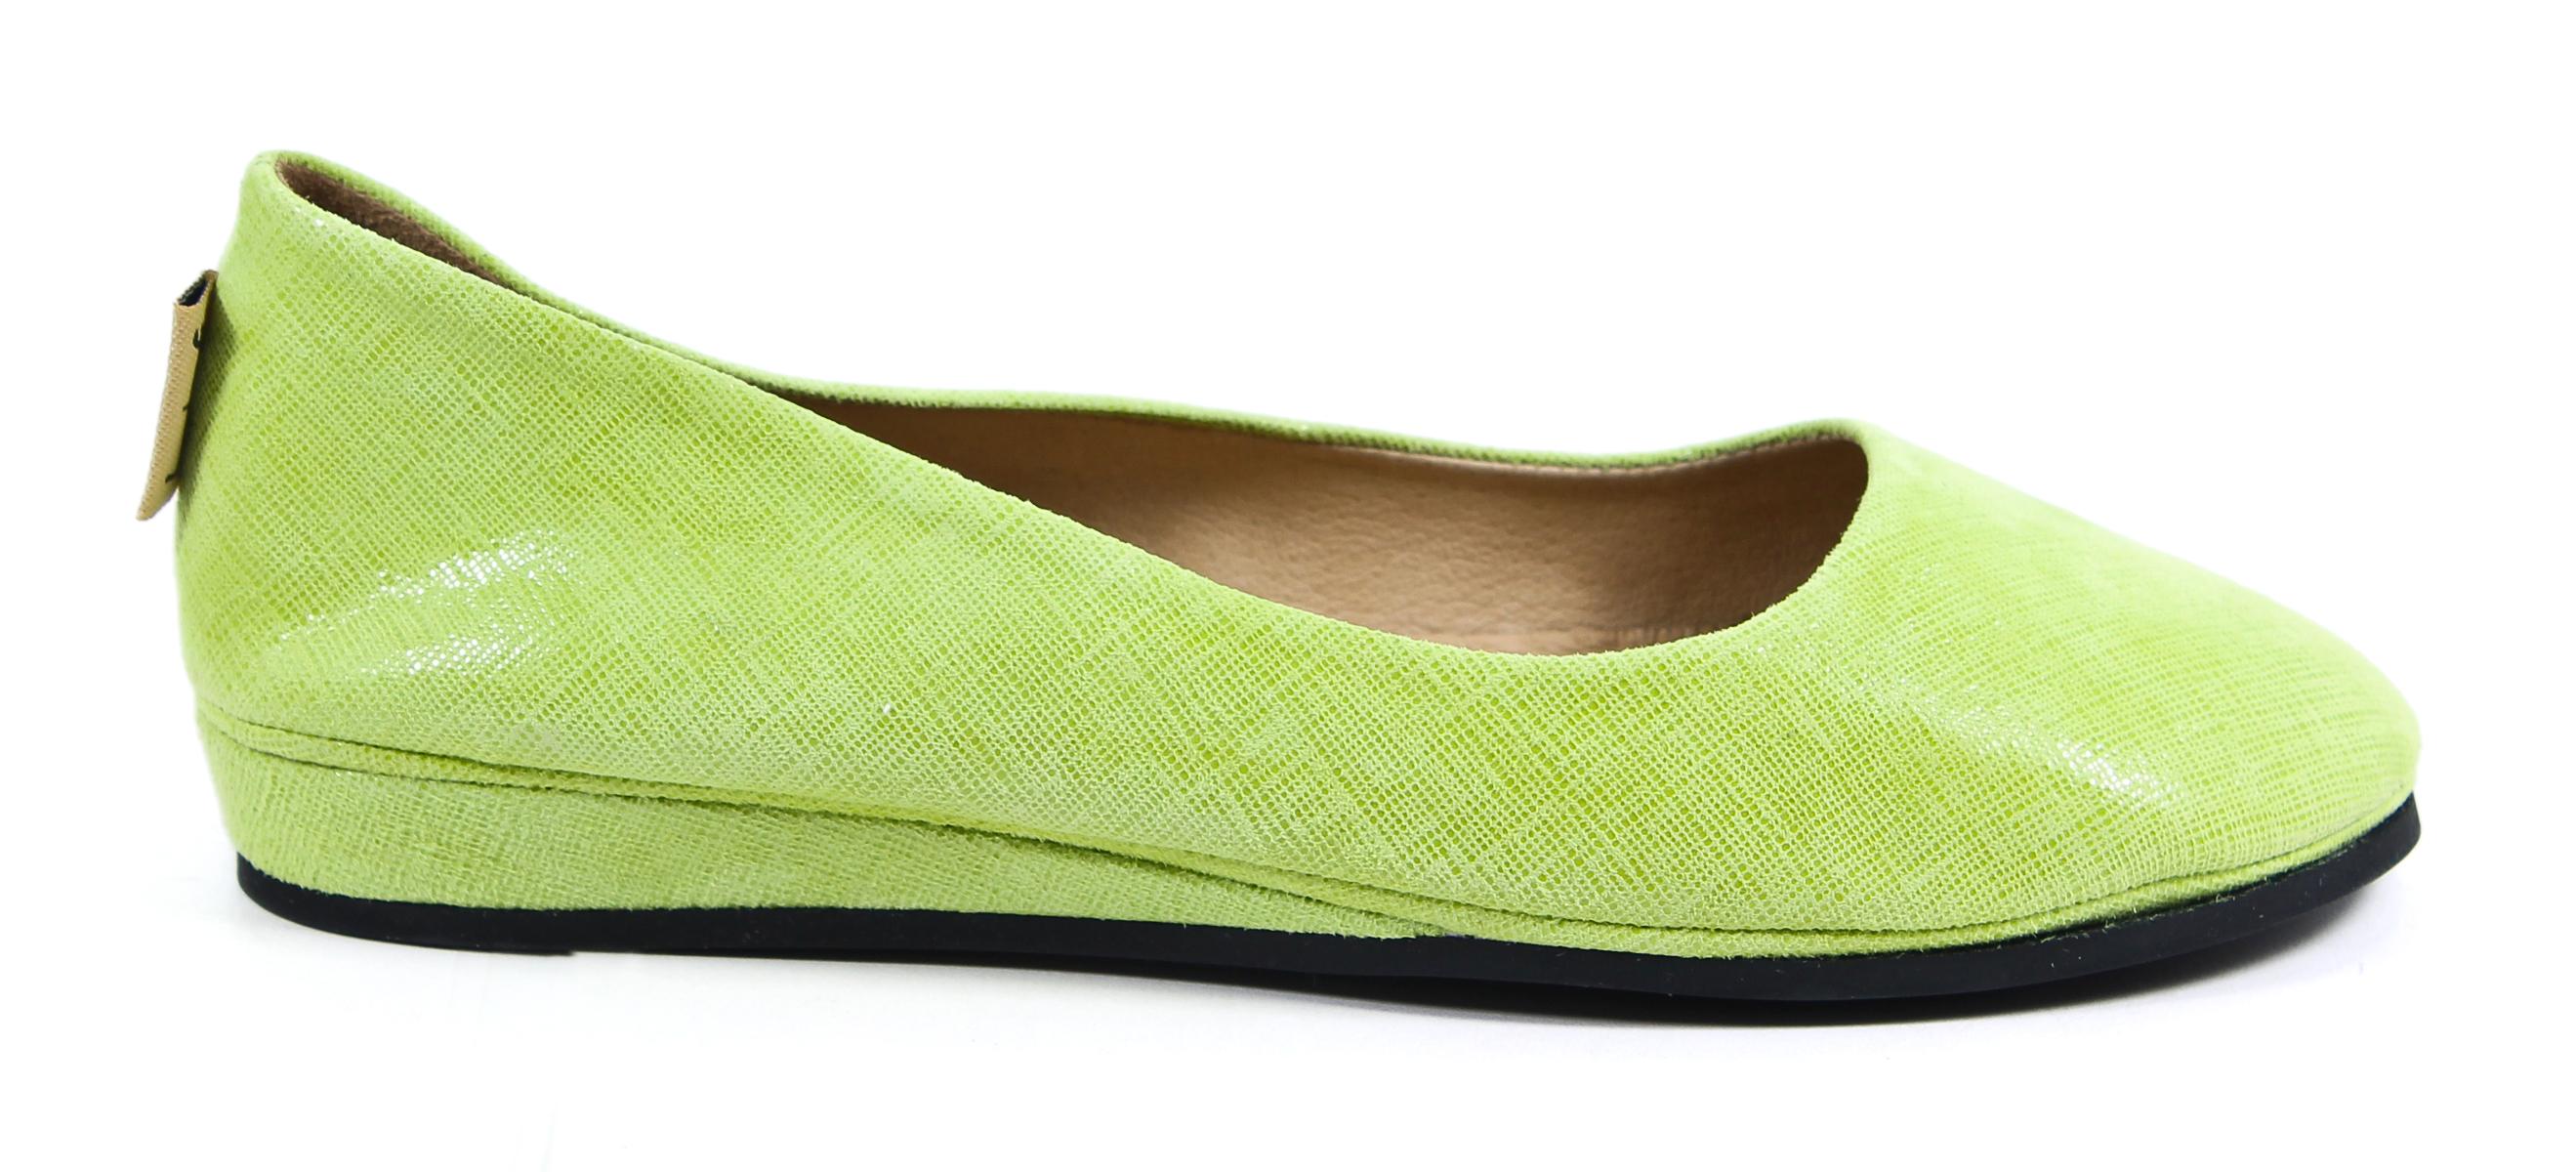 sole zeppa leather lemon cartizze wedge shoes slip